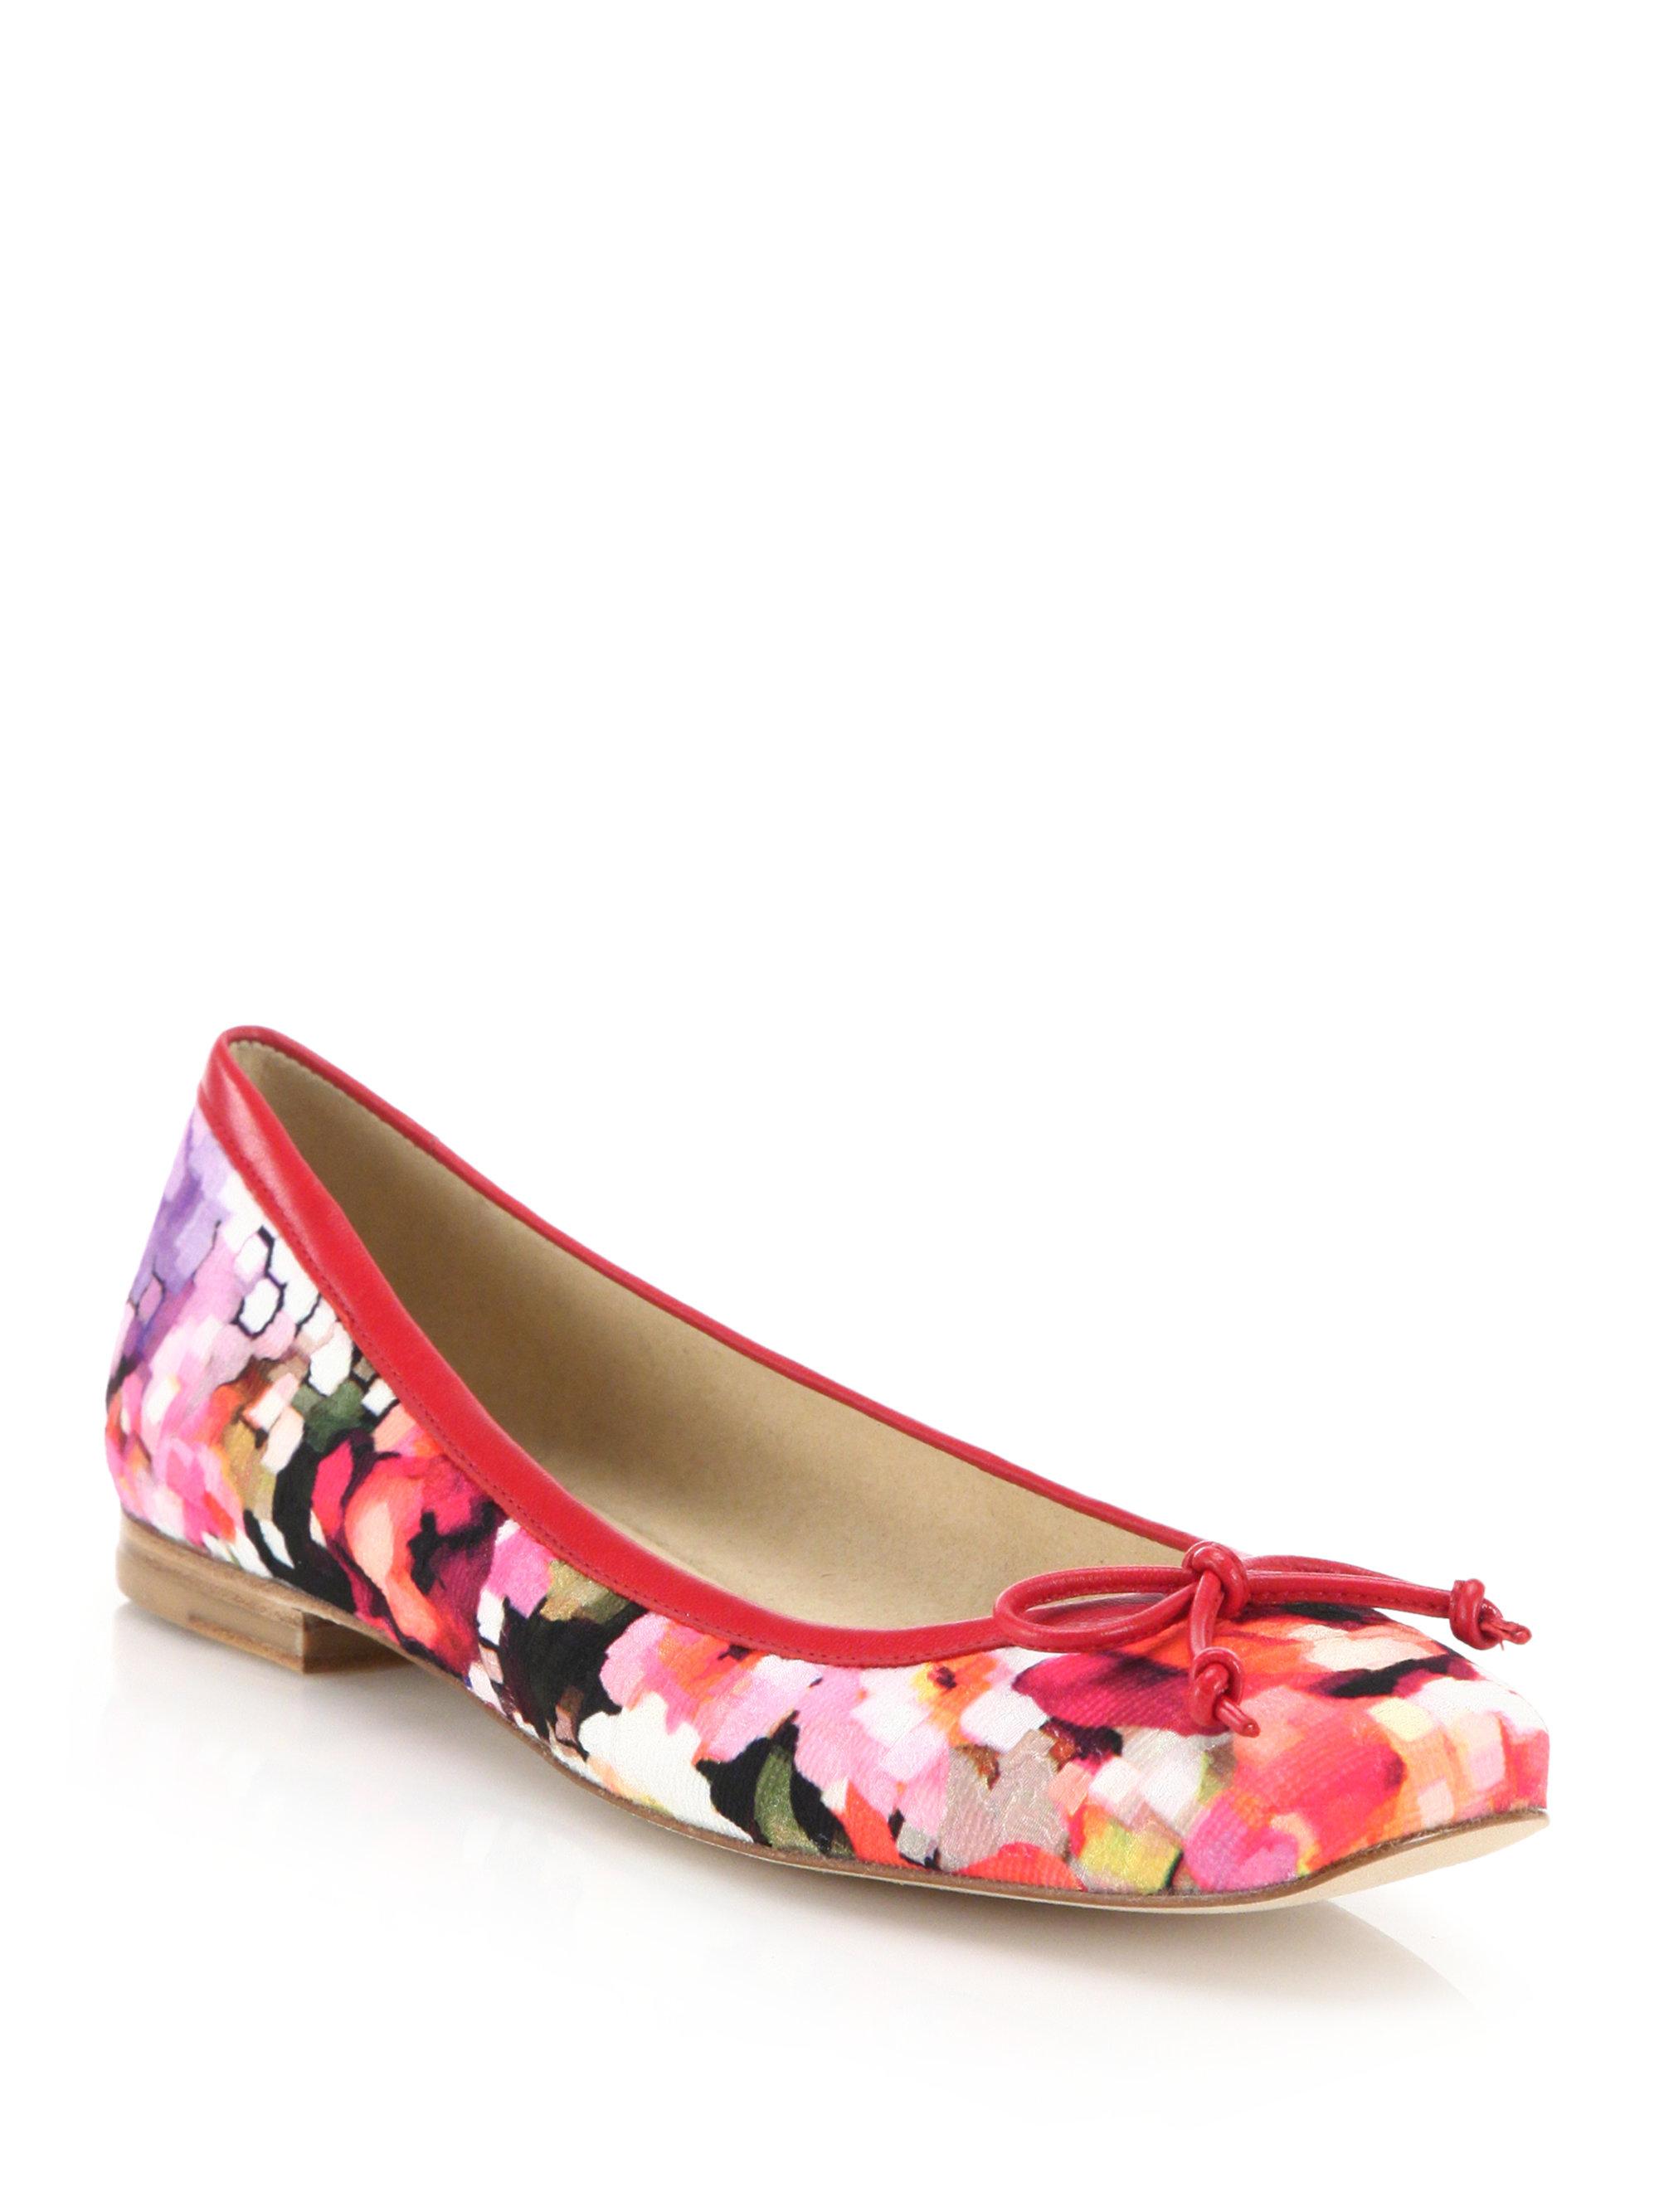 Stuart Weitzman Shoestring Floral Print Ballet Flats Lyst